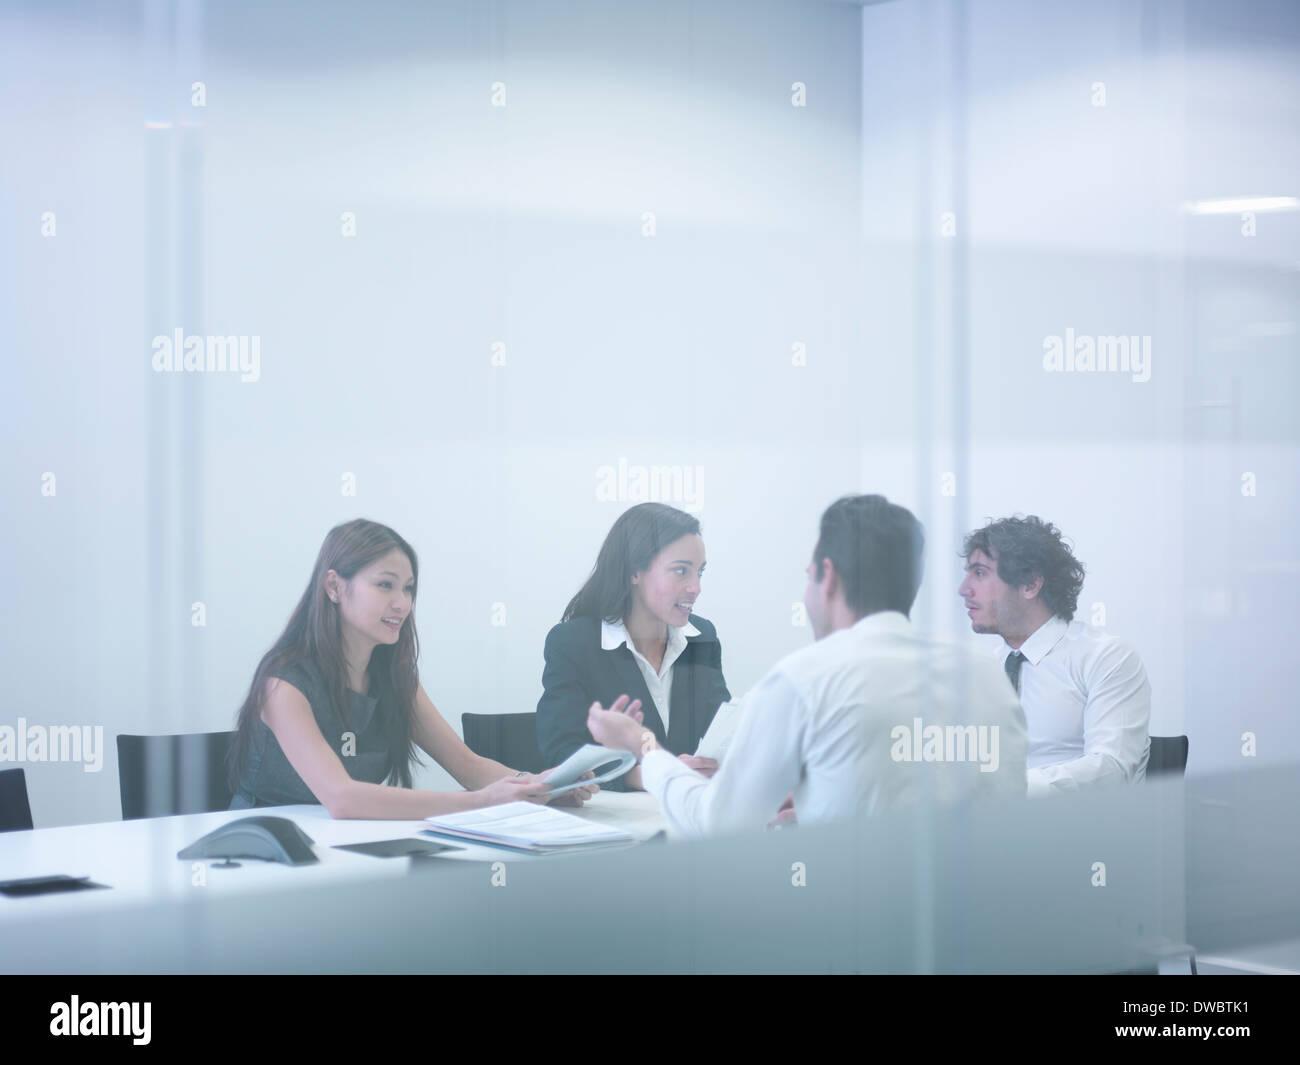 Vista a través de la pared de vidrio de colegas del negocio en reunión Imagen De Stock